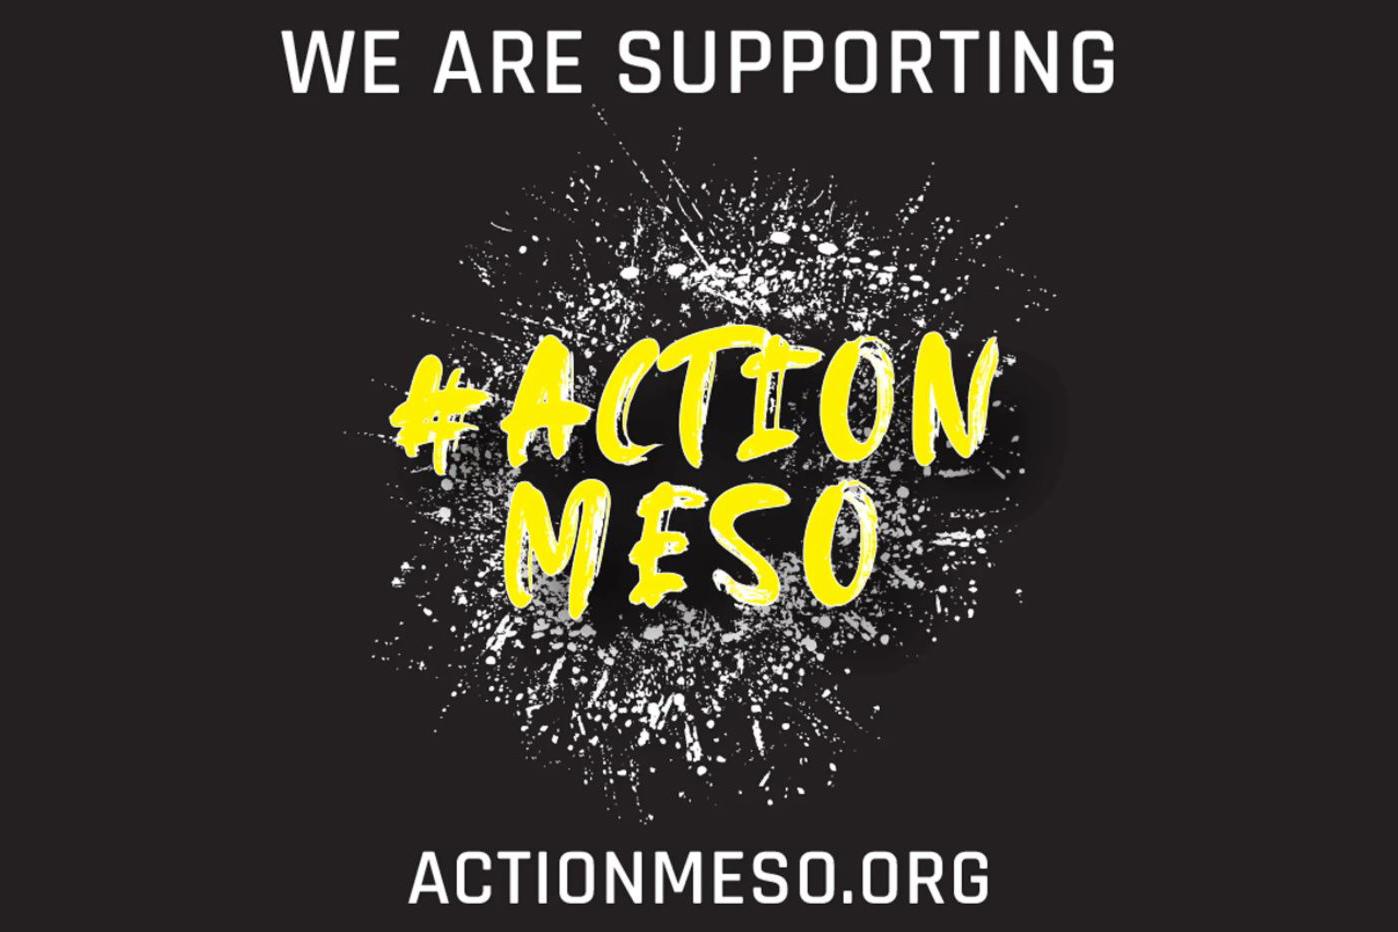 ActionMeso